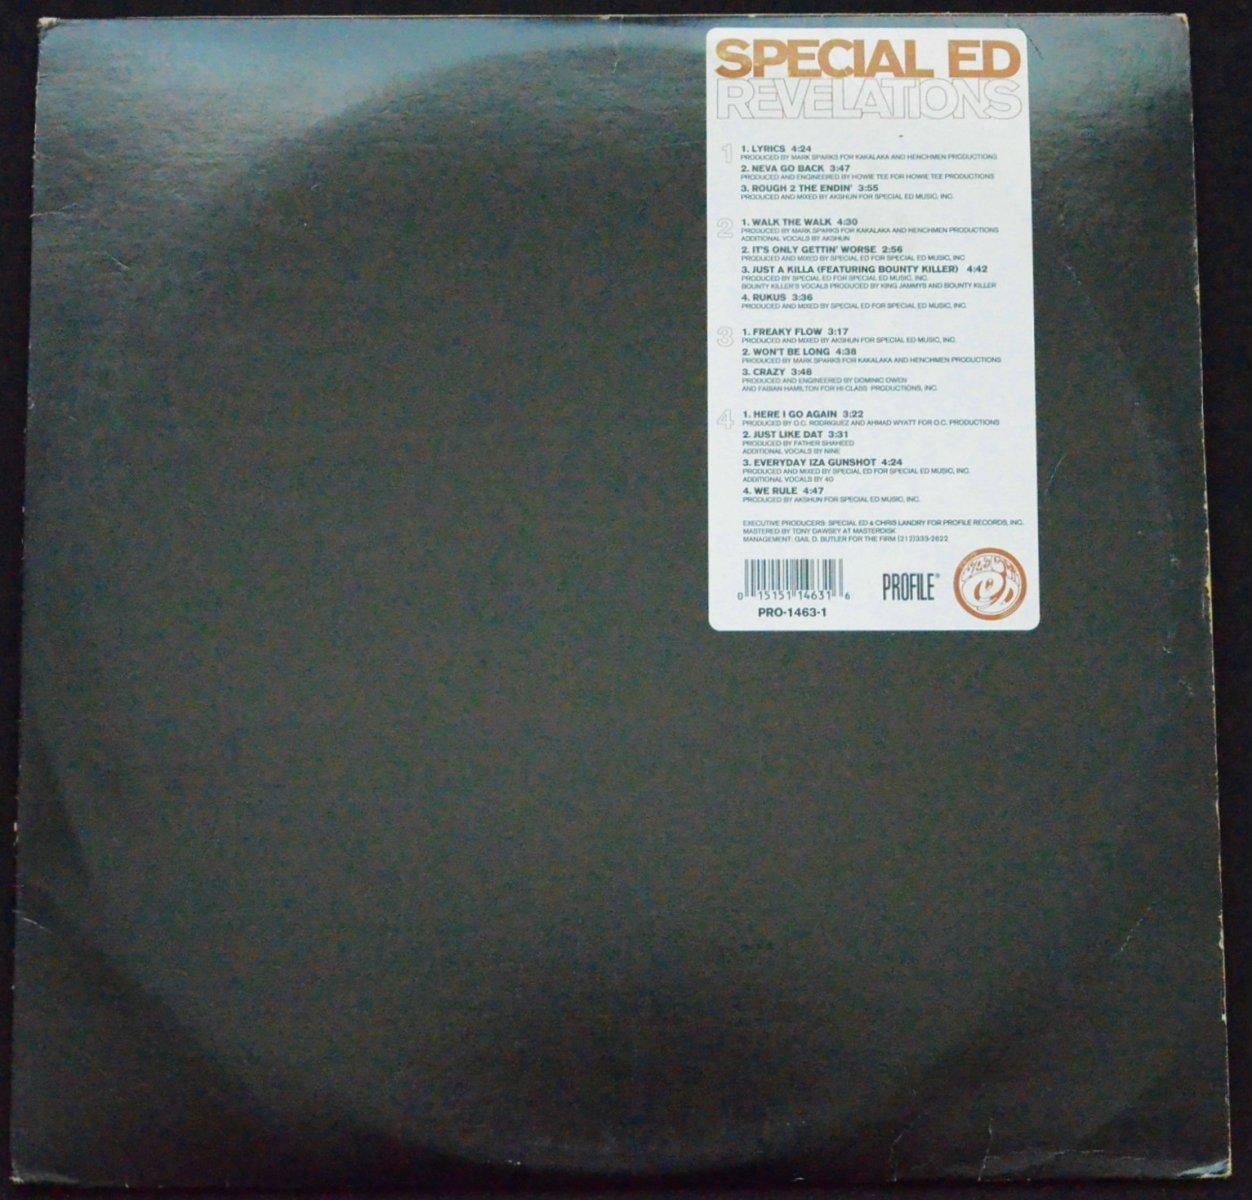 SPECIAL ED / REVELATIONS (2LP)